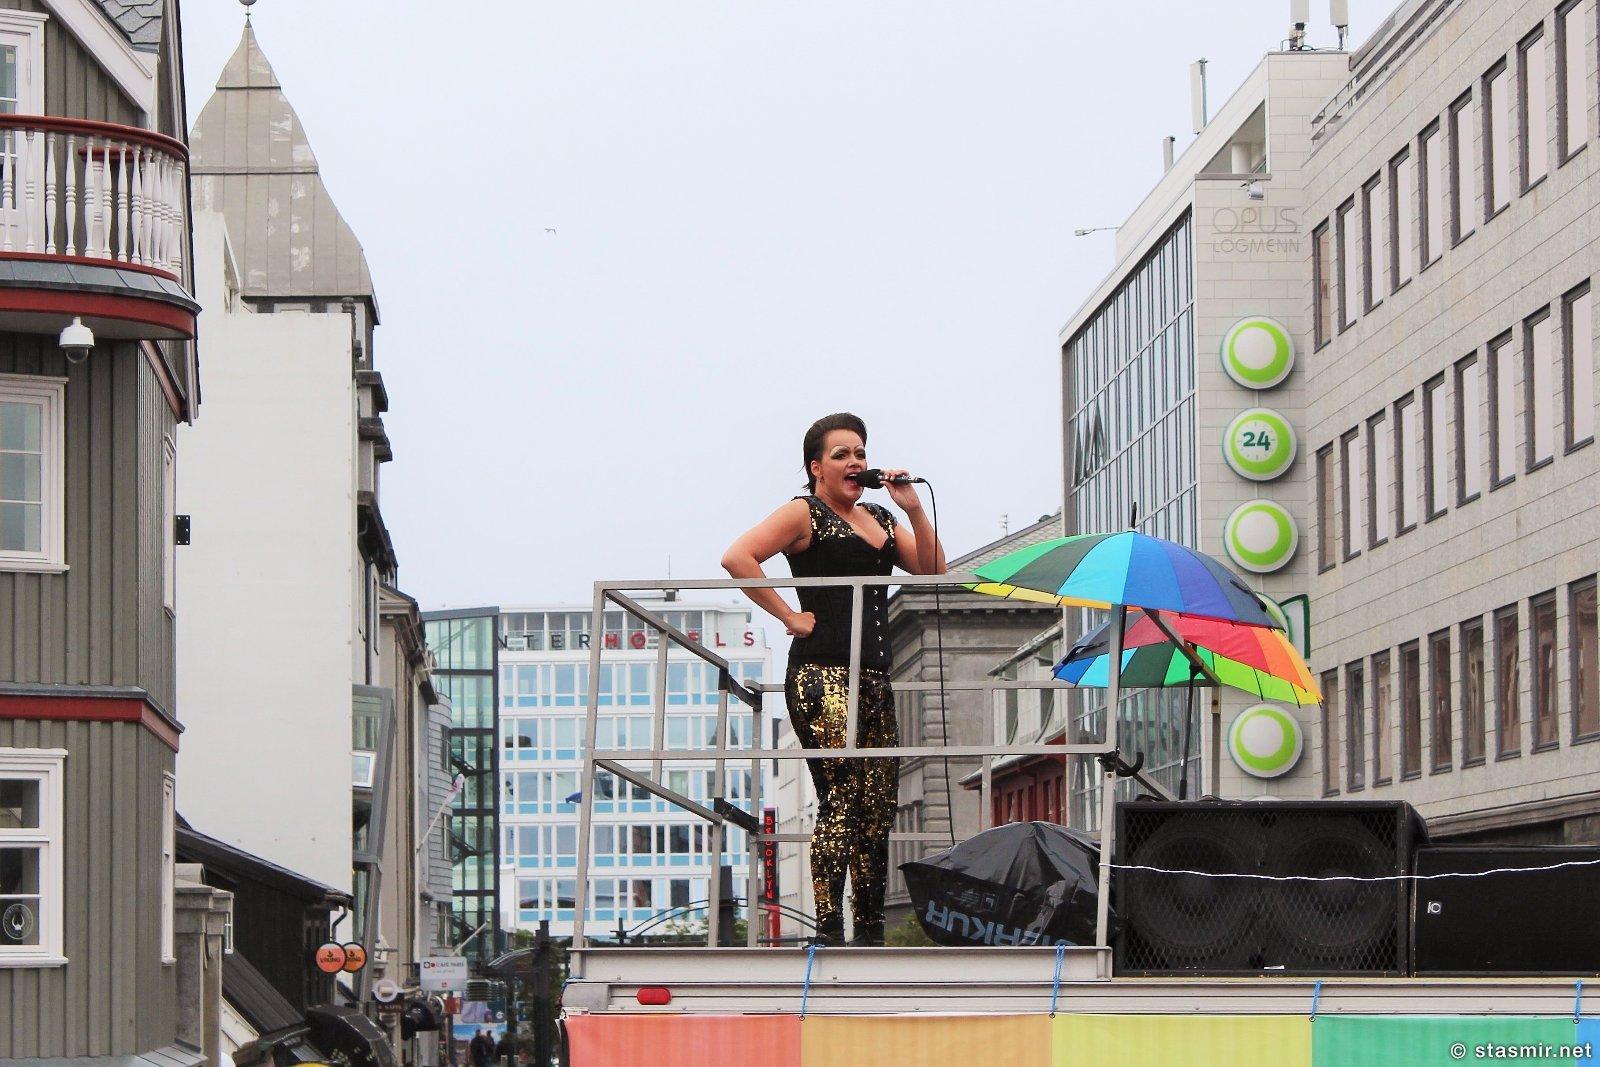 Гей-прайд 2015, Рейкьявик, селебрити в Исландии, главная улица Рейкьявика, праздники в Исландии, гей-прайд в Исландии, gay pride 2015, Reykjavik, равноправие полов, туры в Исландию, портрет исландца, Photo Stasmir